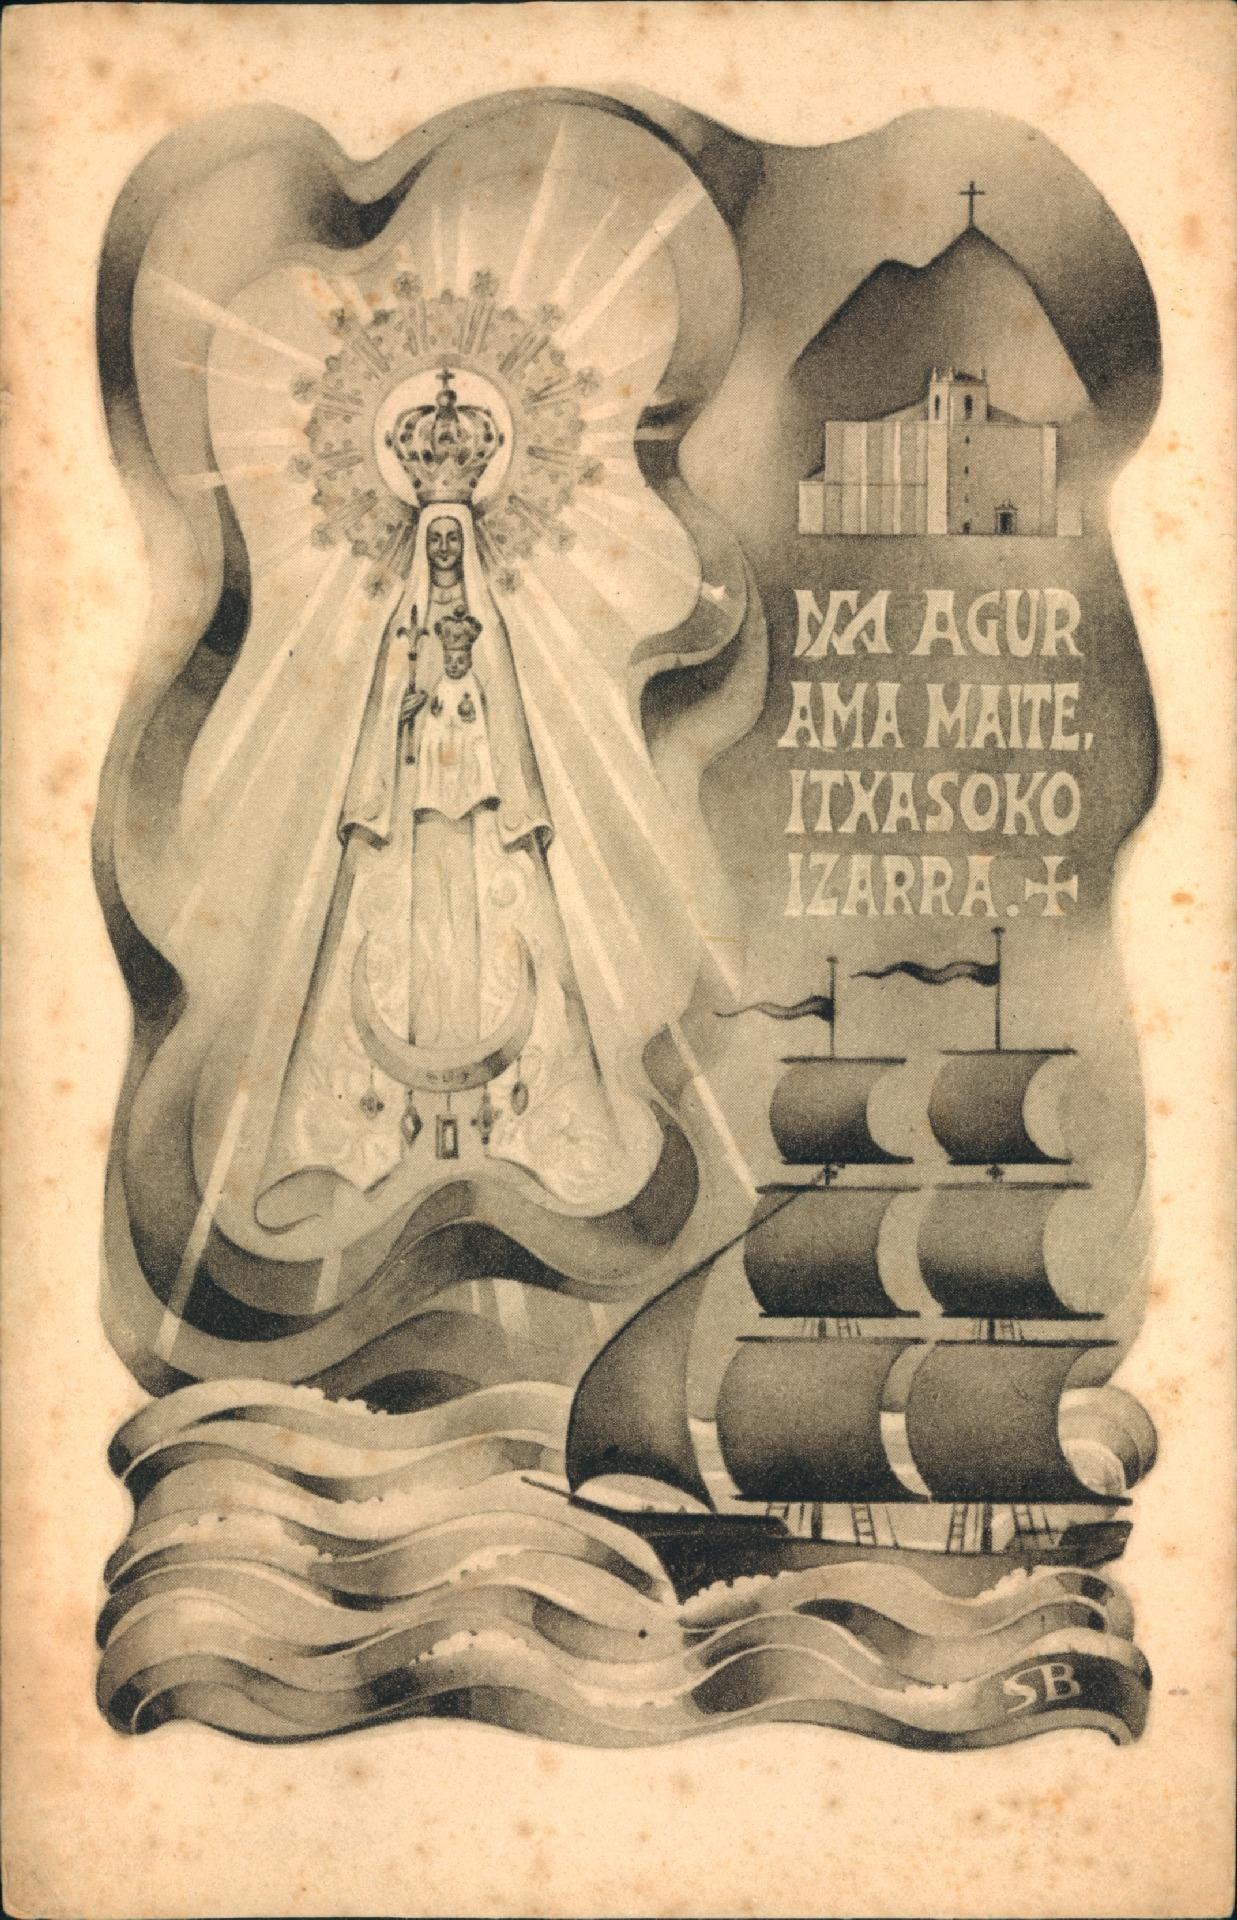 Agur Ama Maite, Itsasoko Izarra